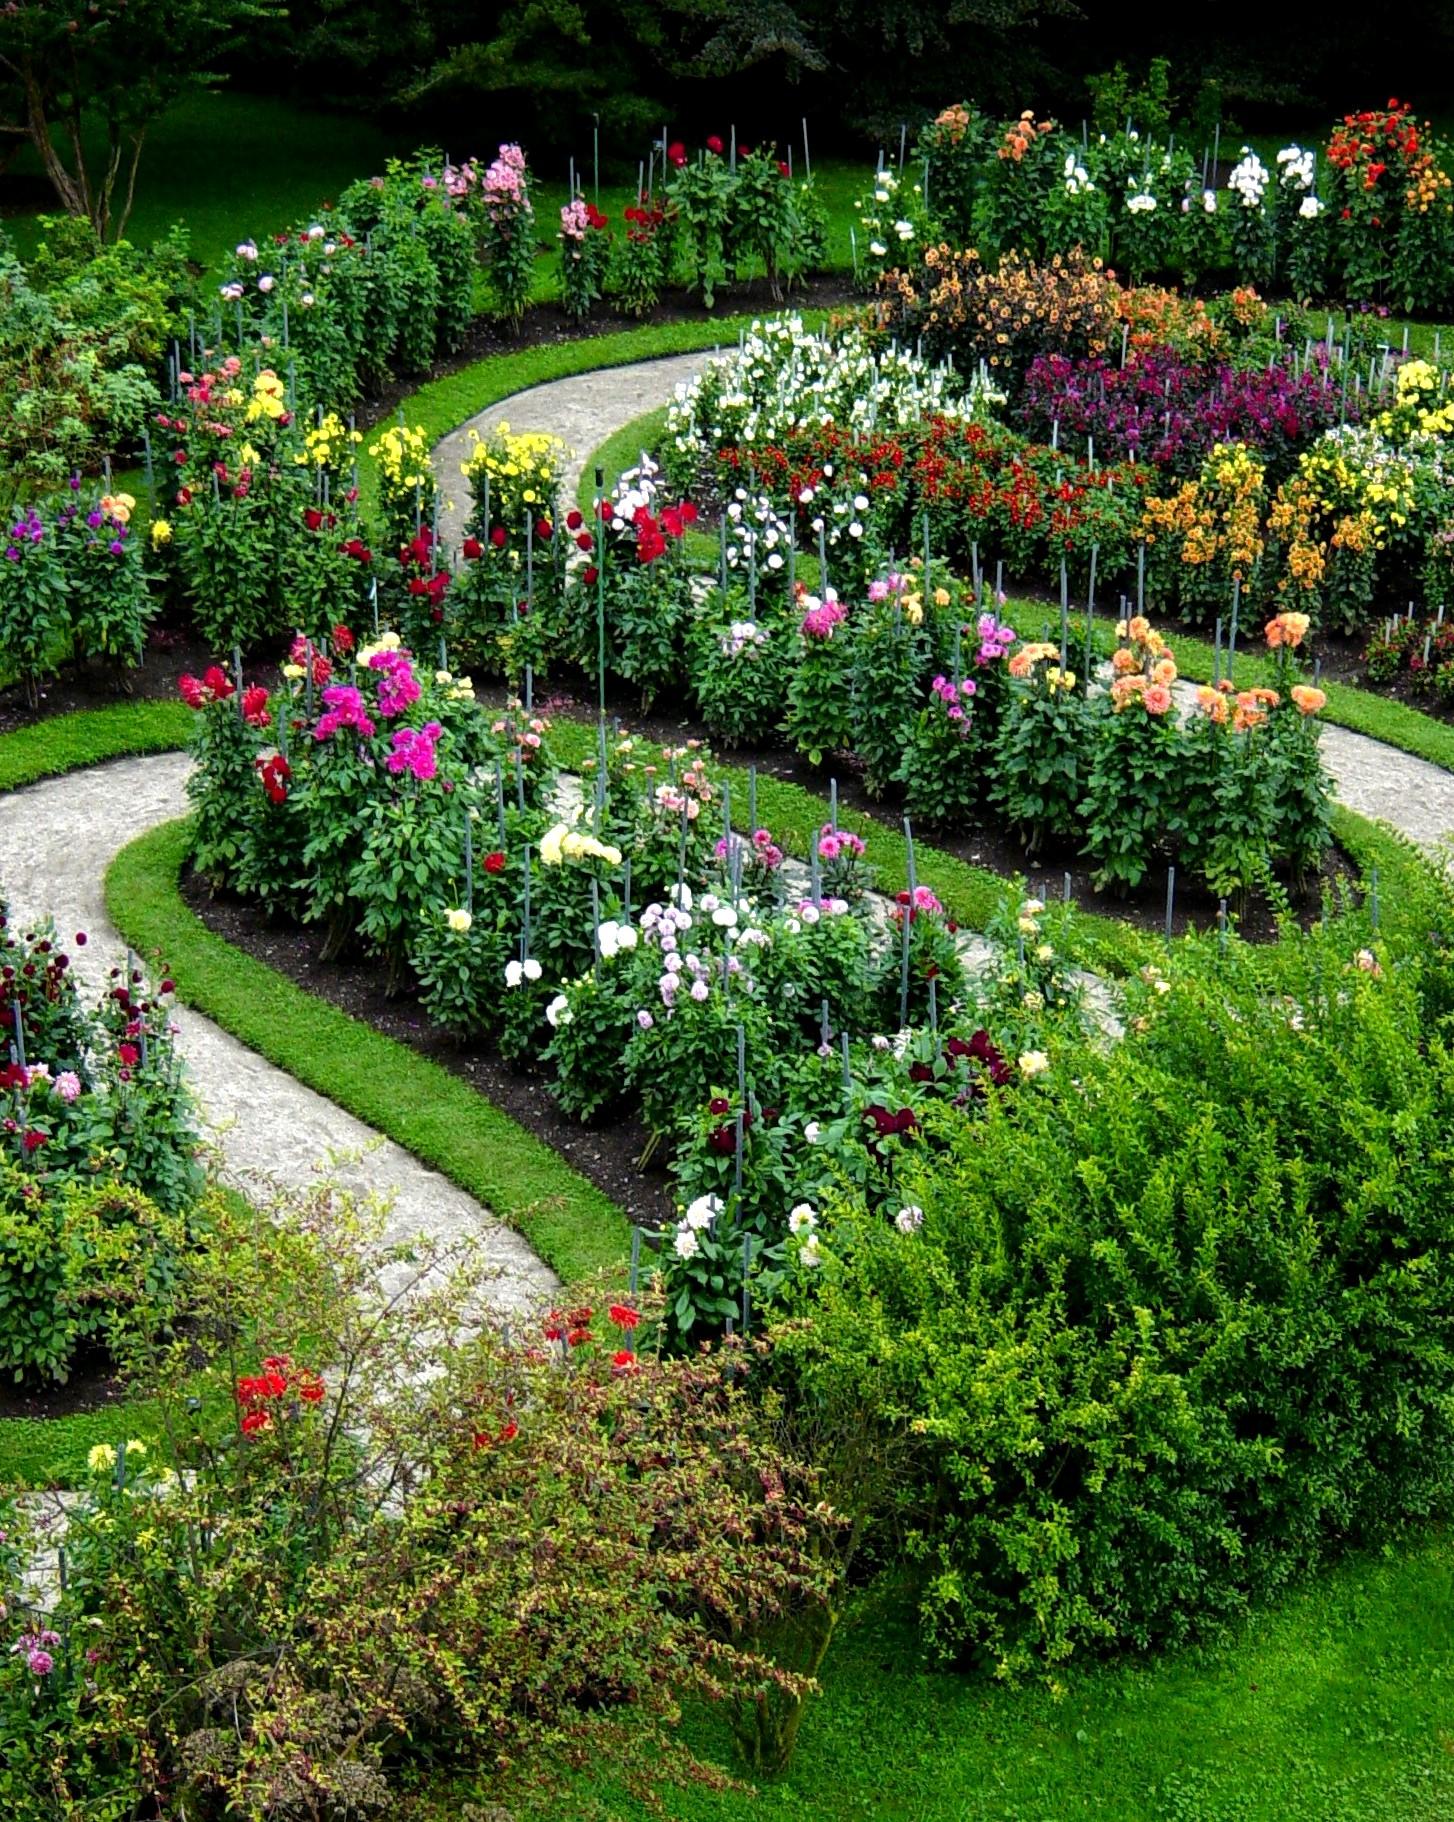 I giardini botanici di Villa Taranto, un viaggio nei 5 continenti ...